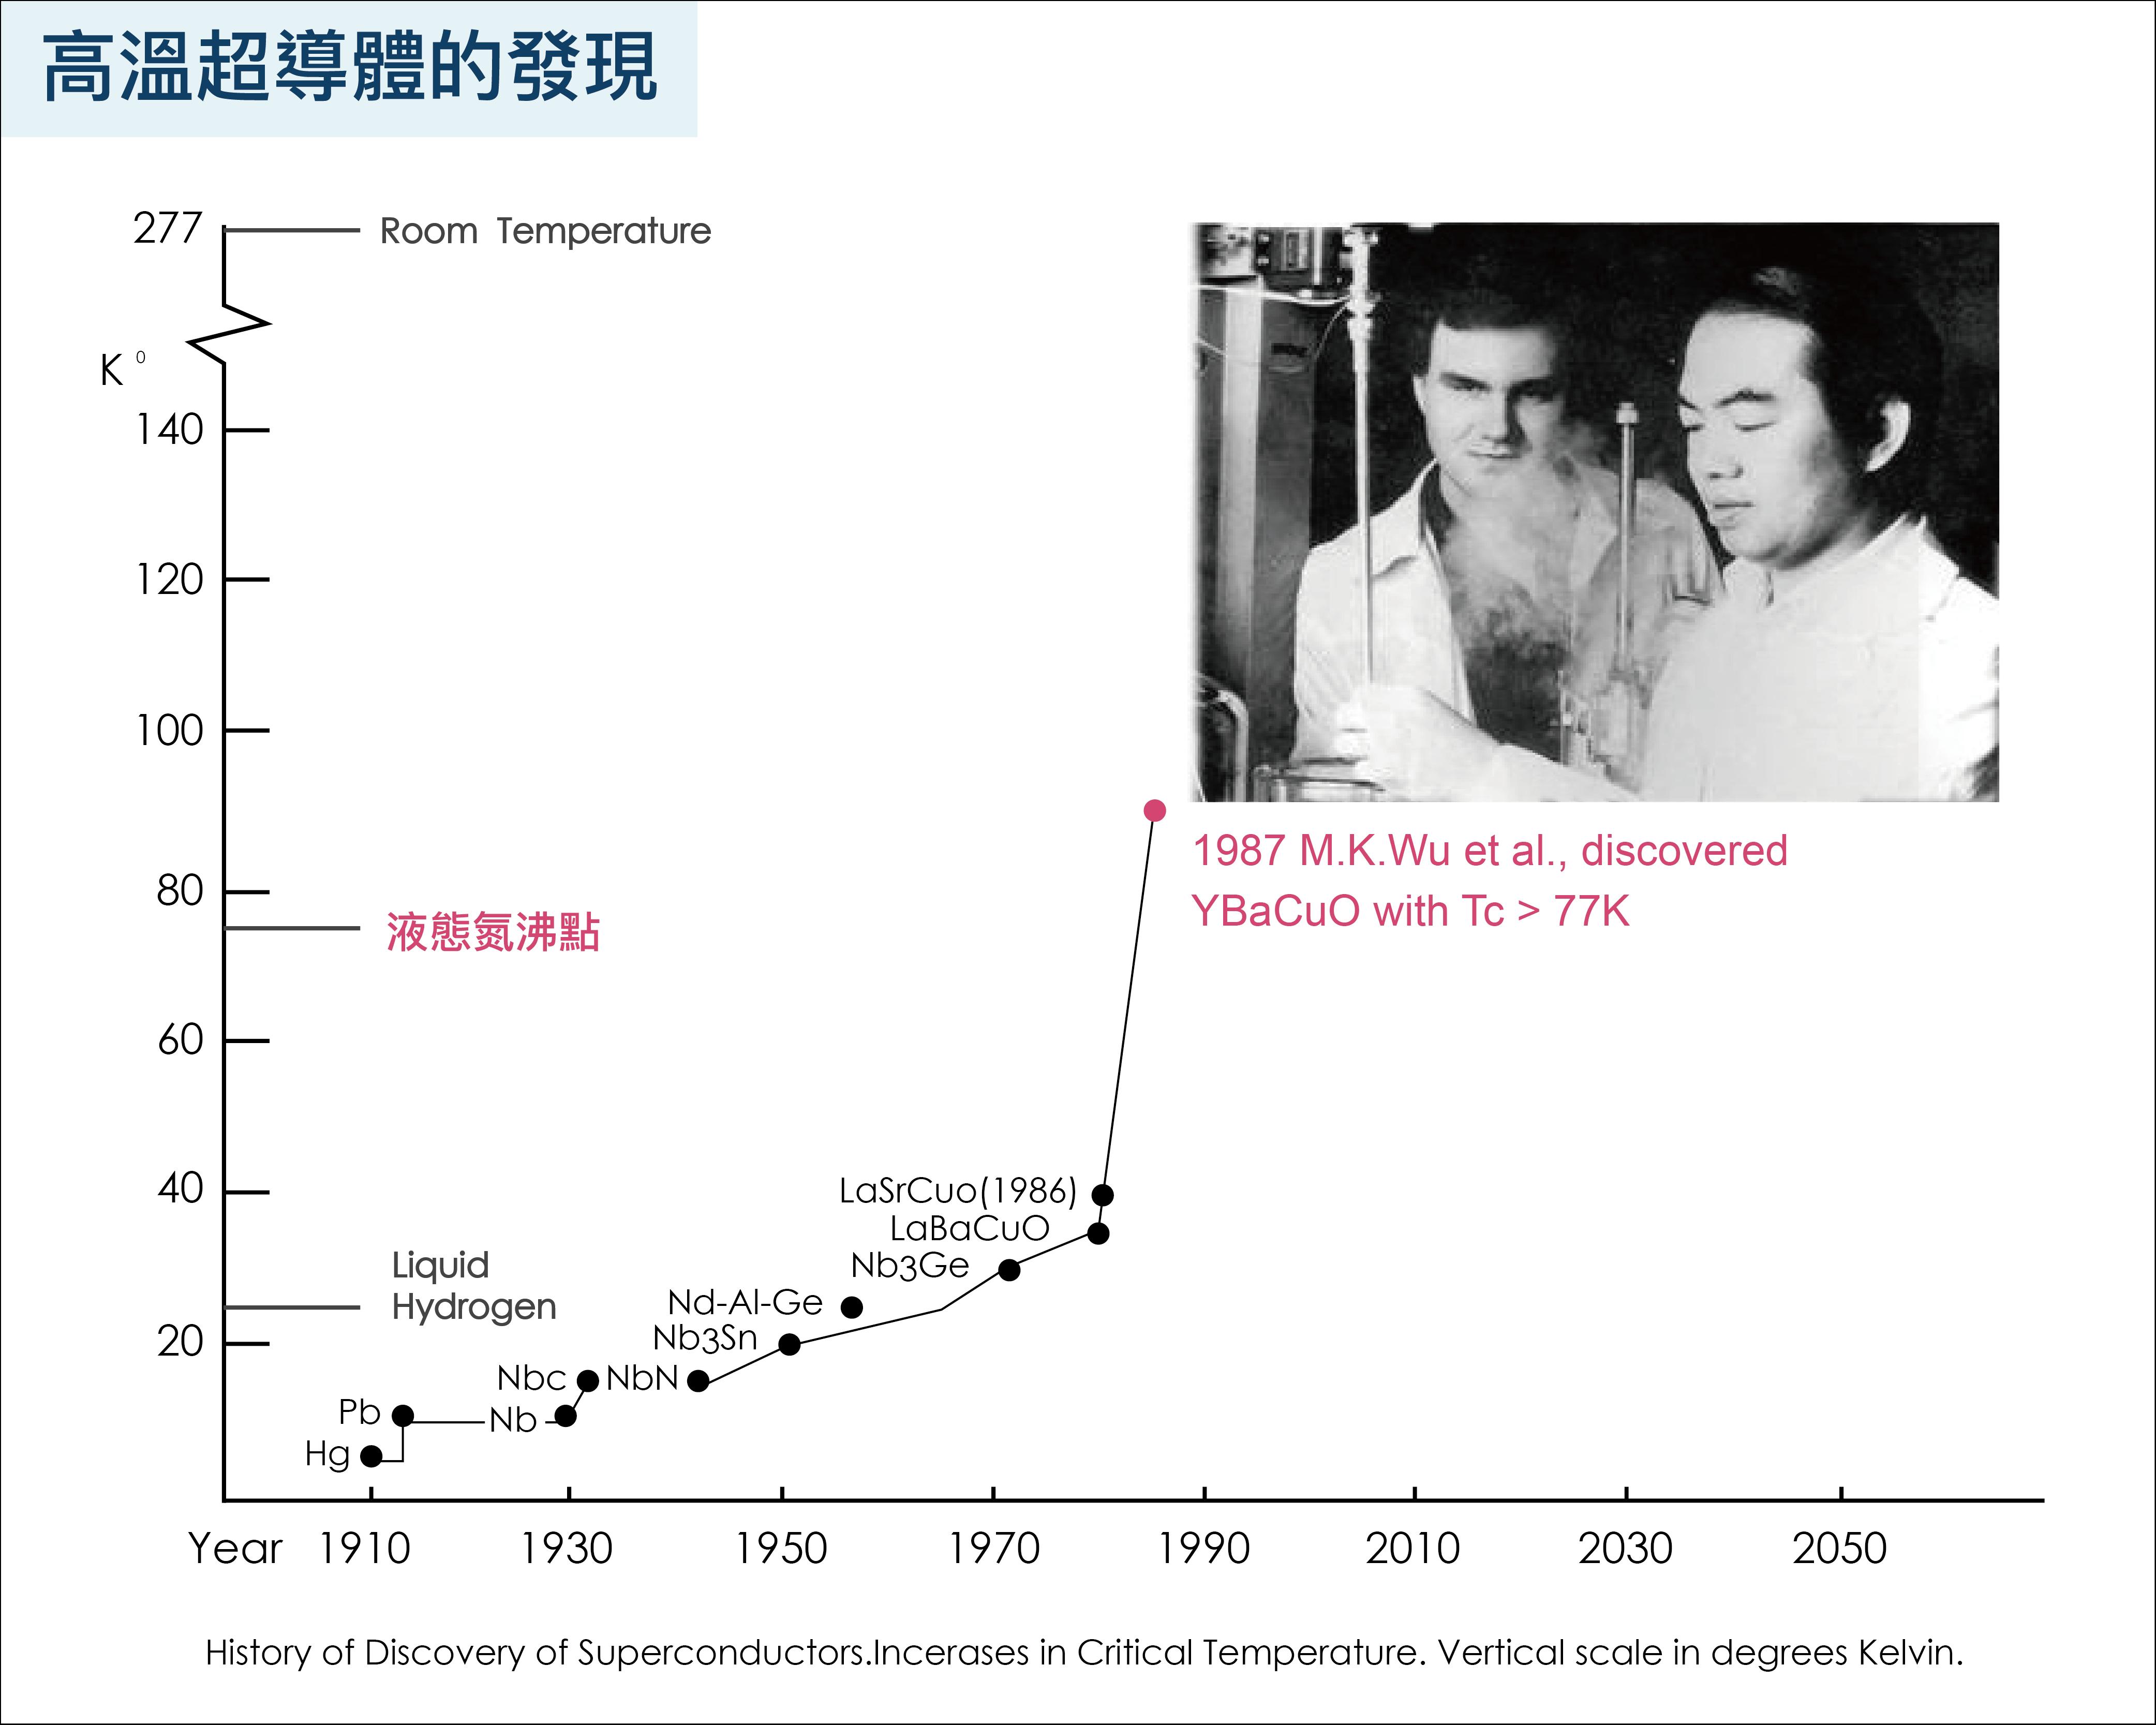 吳茂昆團隊於 1987 年發現的「釔鋇銅氧的氧化物」,超導形成溫度高於氮的沸點(氮在空氣中佔了 78%)。從此以後,科學家研究超導現象就可使用量多且便宜的液態氮來冷卻。 資料來源│〈高溫超導的鐵器時代─從「銅基超導」到「鐵基超導」〉,作者:吳茂昆 圖說重製│柯旂、張語辰